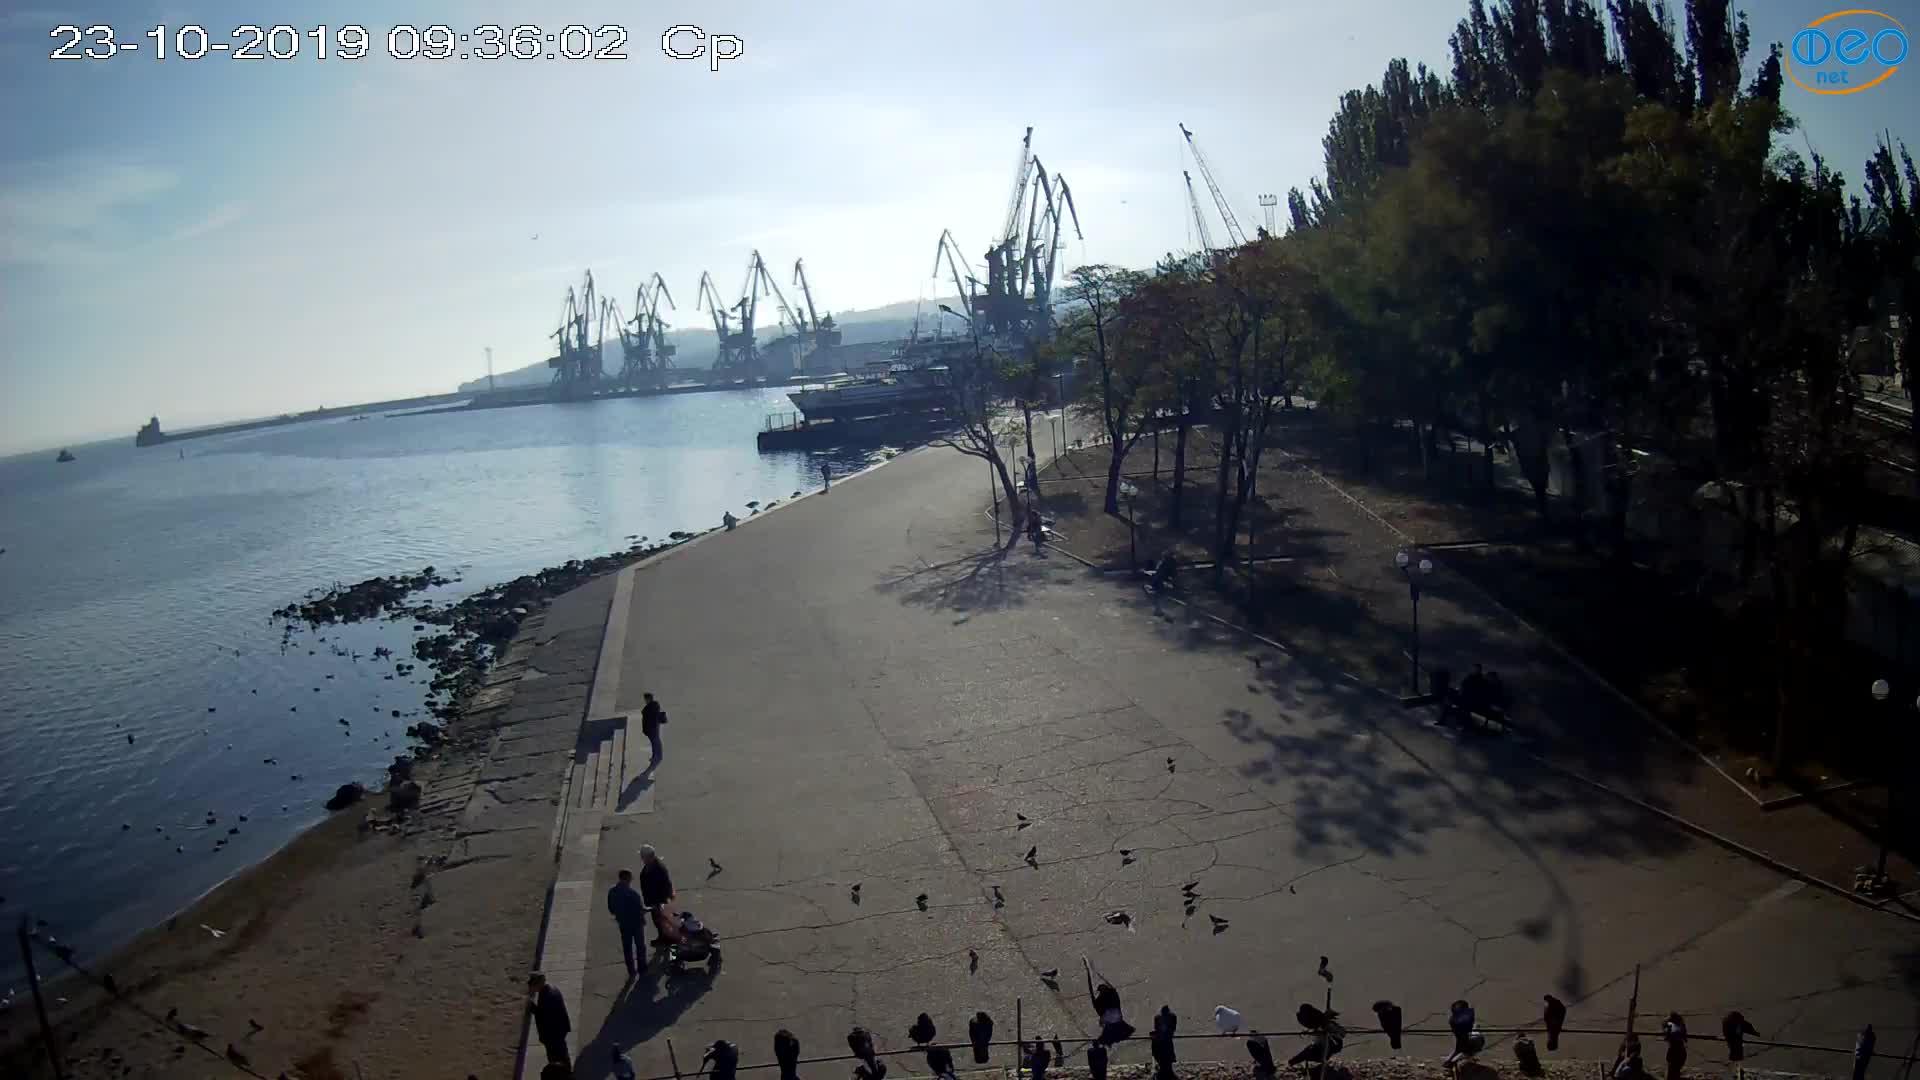 Веб-камеры Феодосии, Набережная Десантников, 2019-10-23 09:36:15